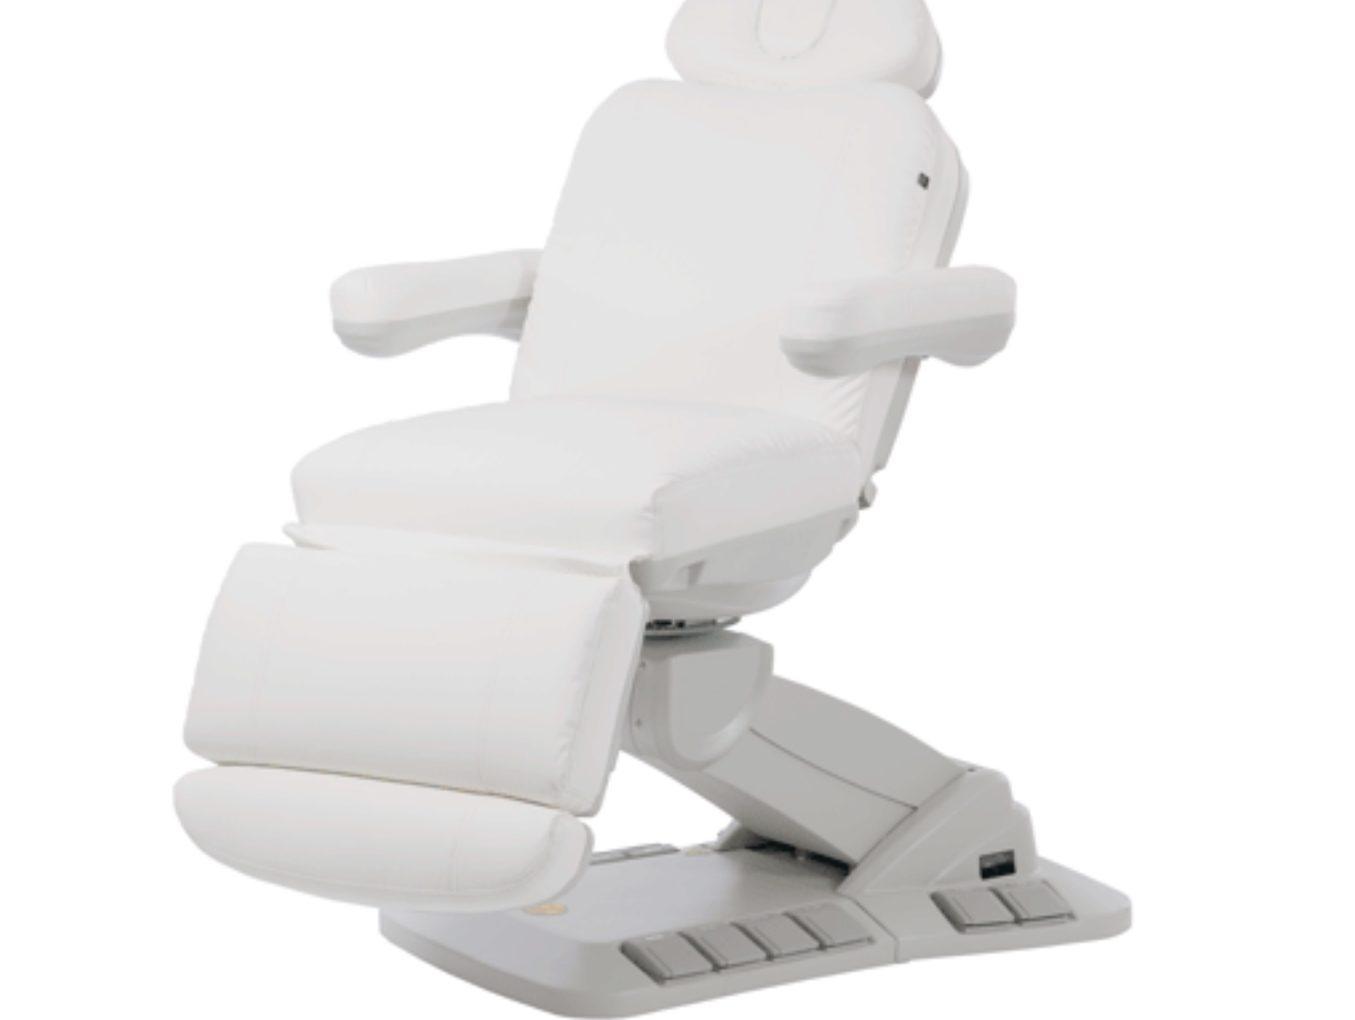 Tella Poltrona lettino elettrica professionale 4 motori massaggi estetica estetista EB+